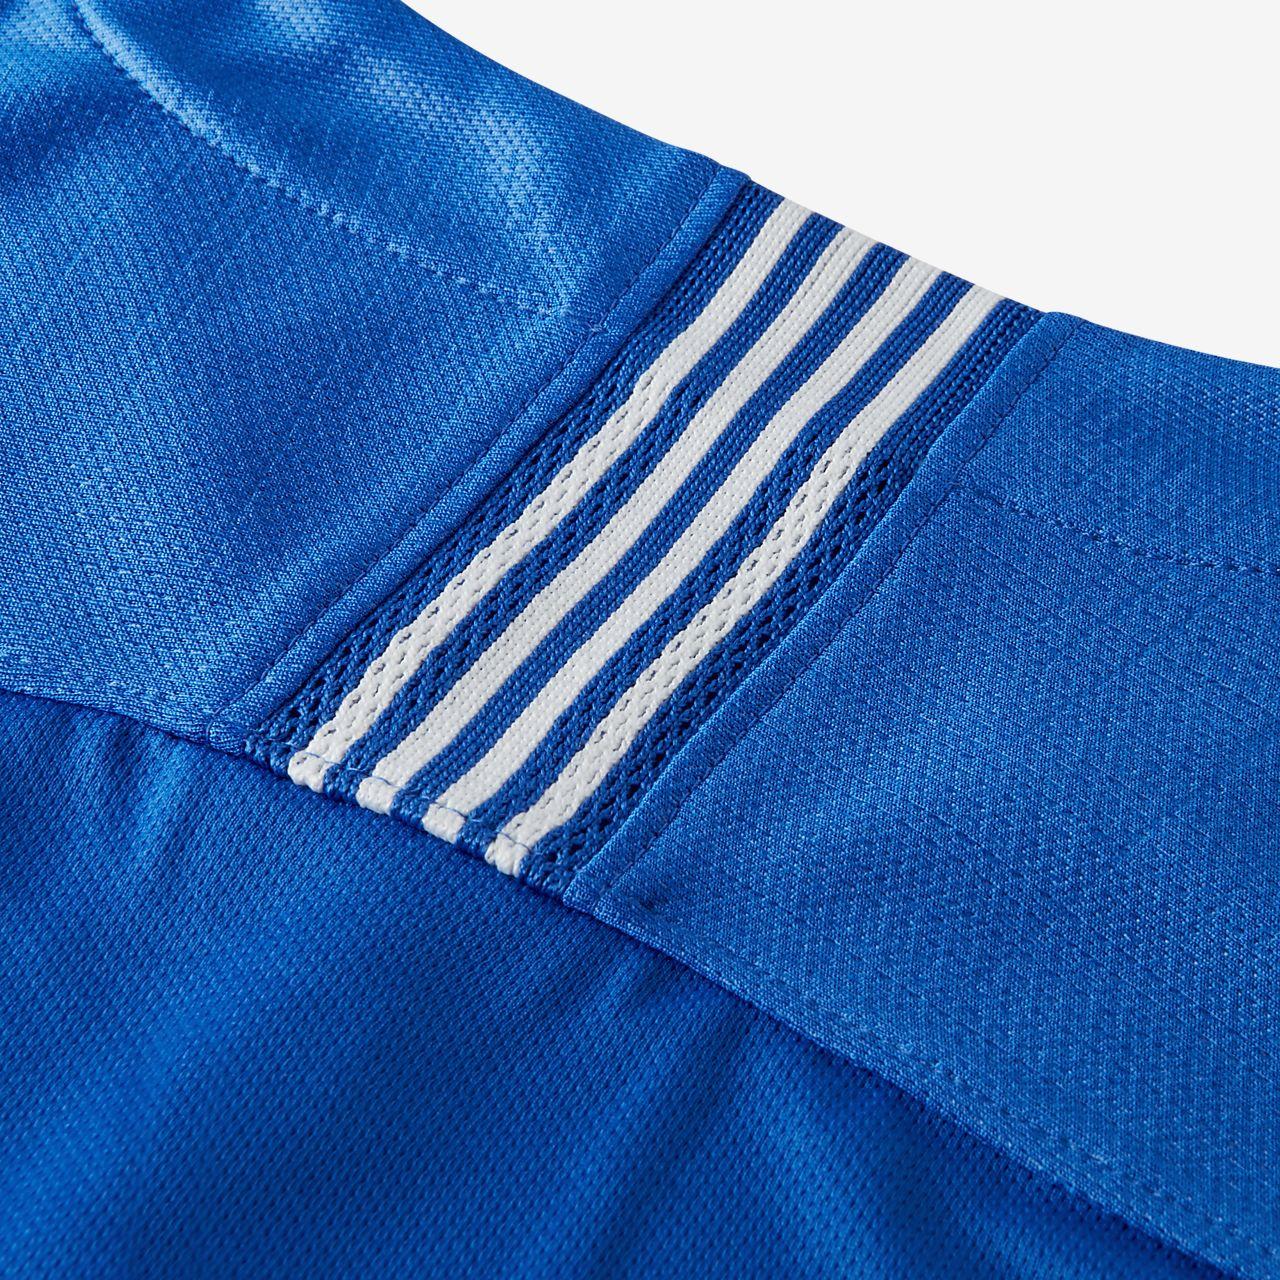 34e500d3 2018 Greece Stadium Away Men's Football Shirt. Nike.com AU